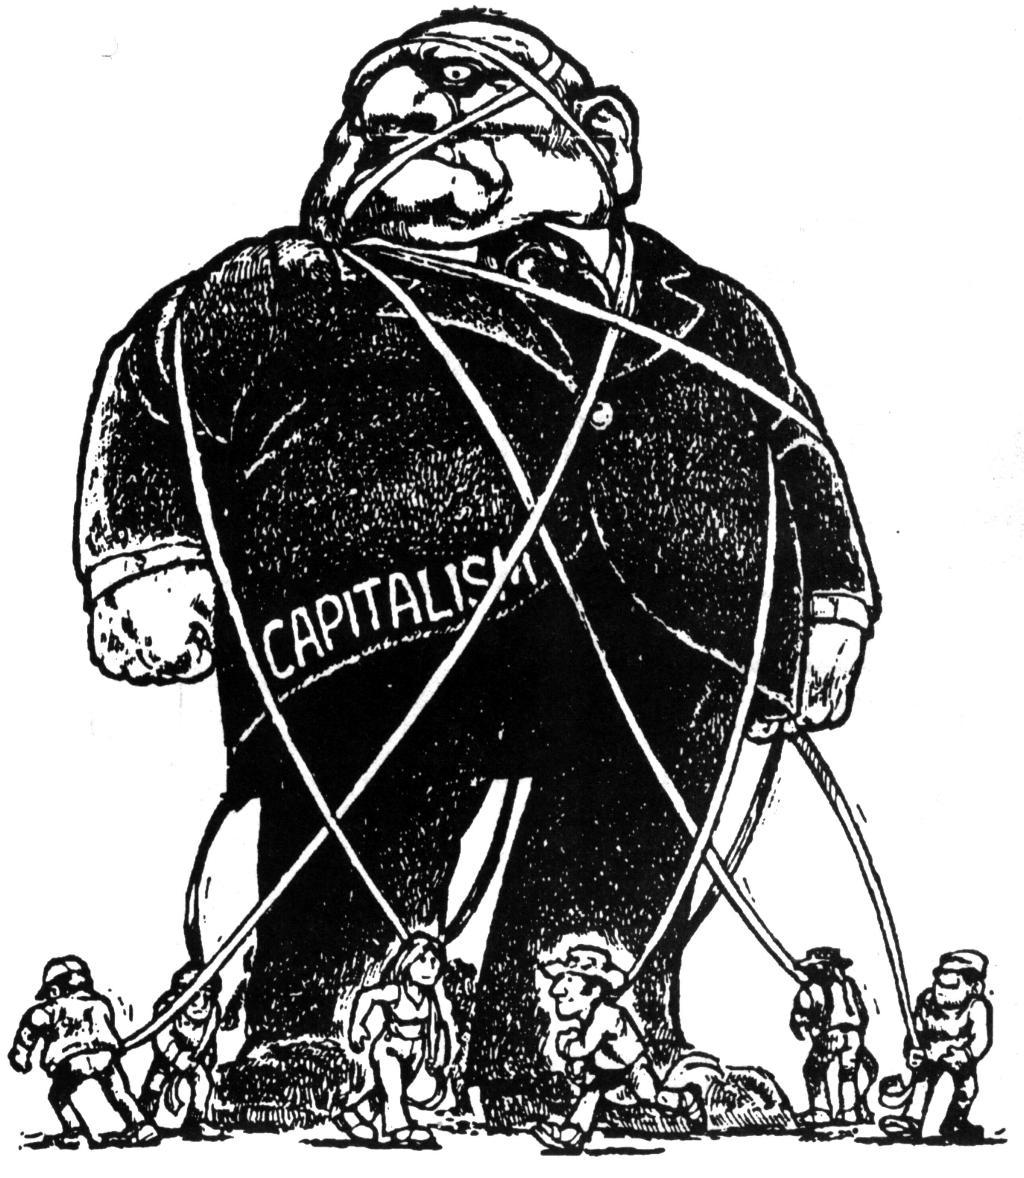 Apakah Kapitalisme Penyebab Utama Kemiskinan?